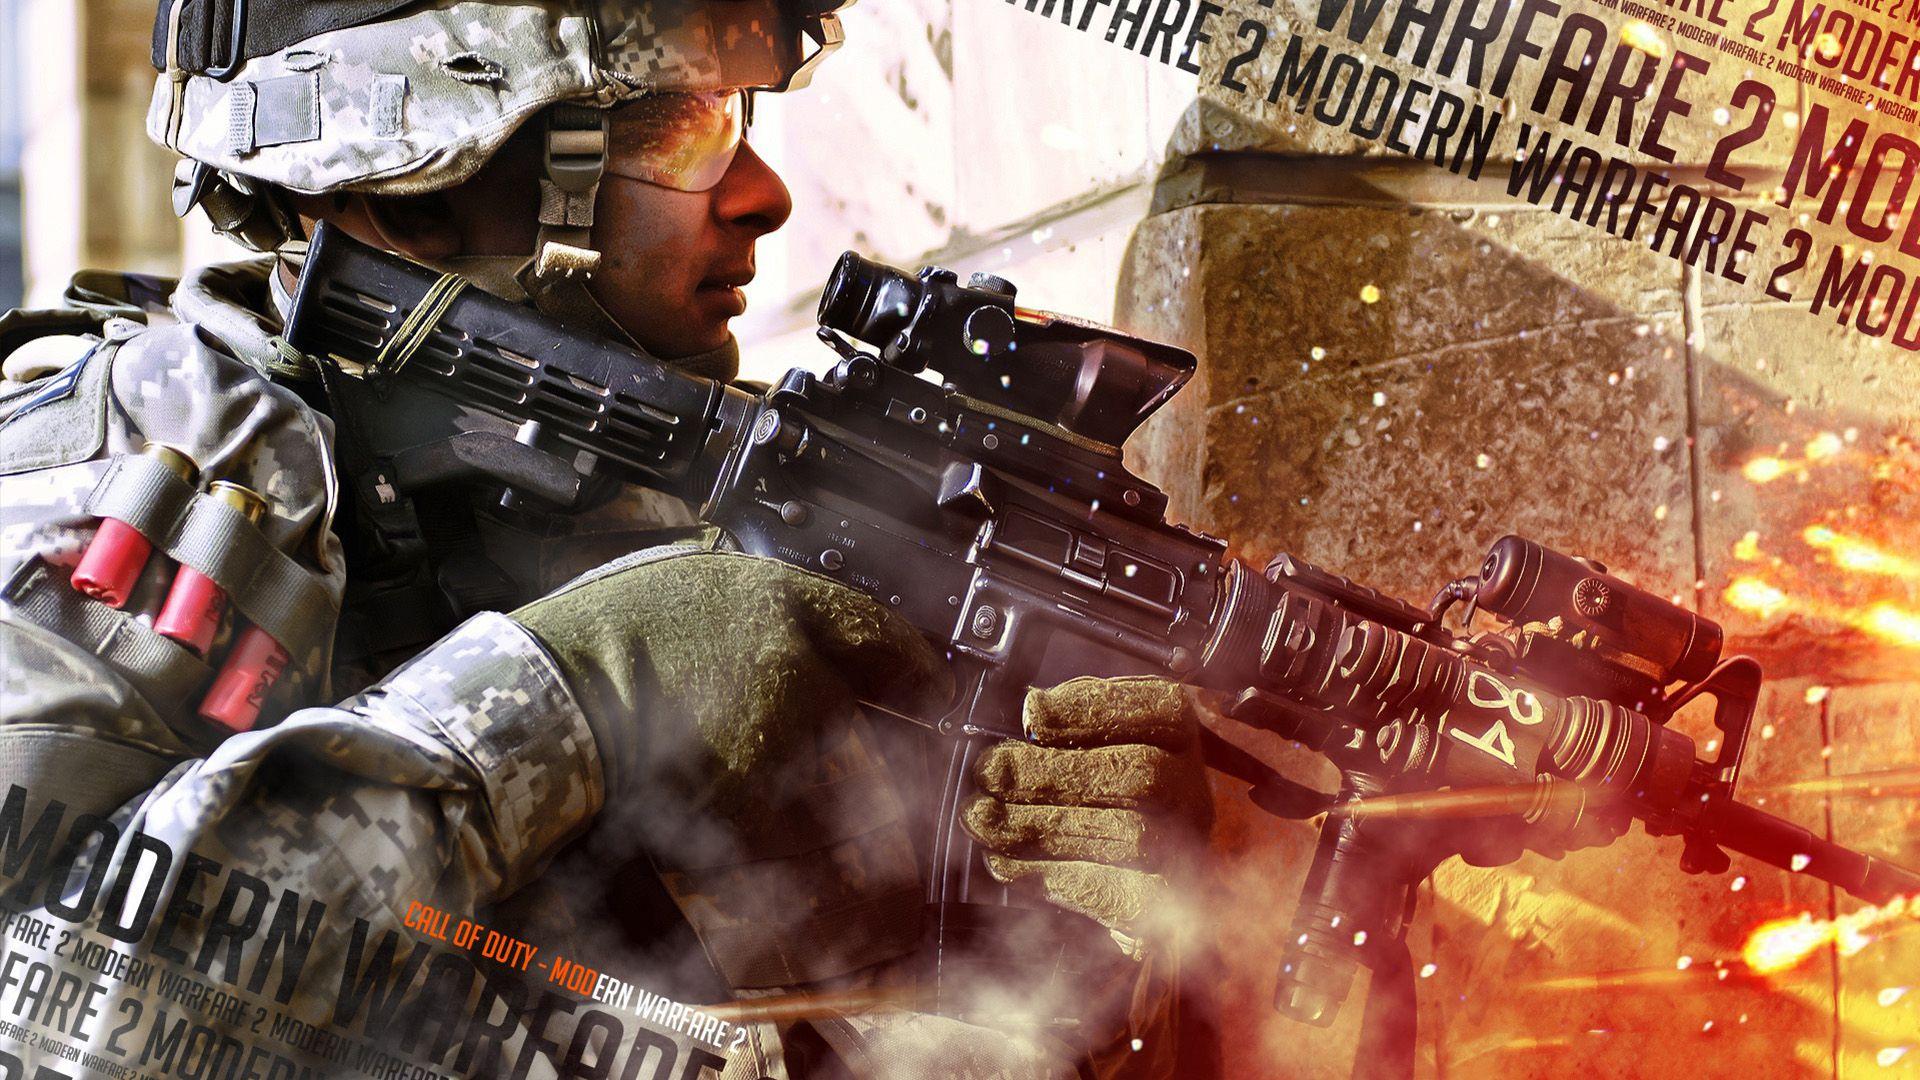 call-of-duty-modern-warfare-2-pc-steam-cd-key-satin-al-durmaplay.jpg